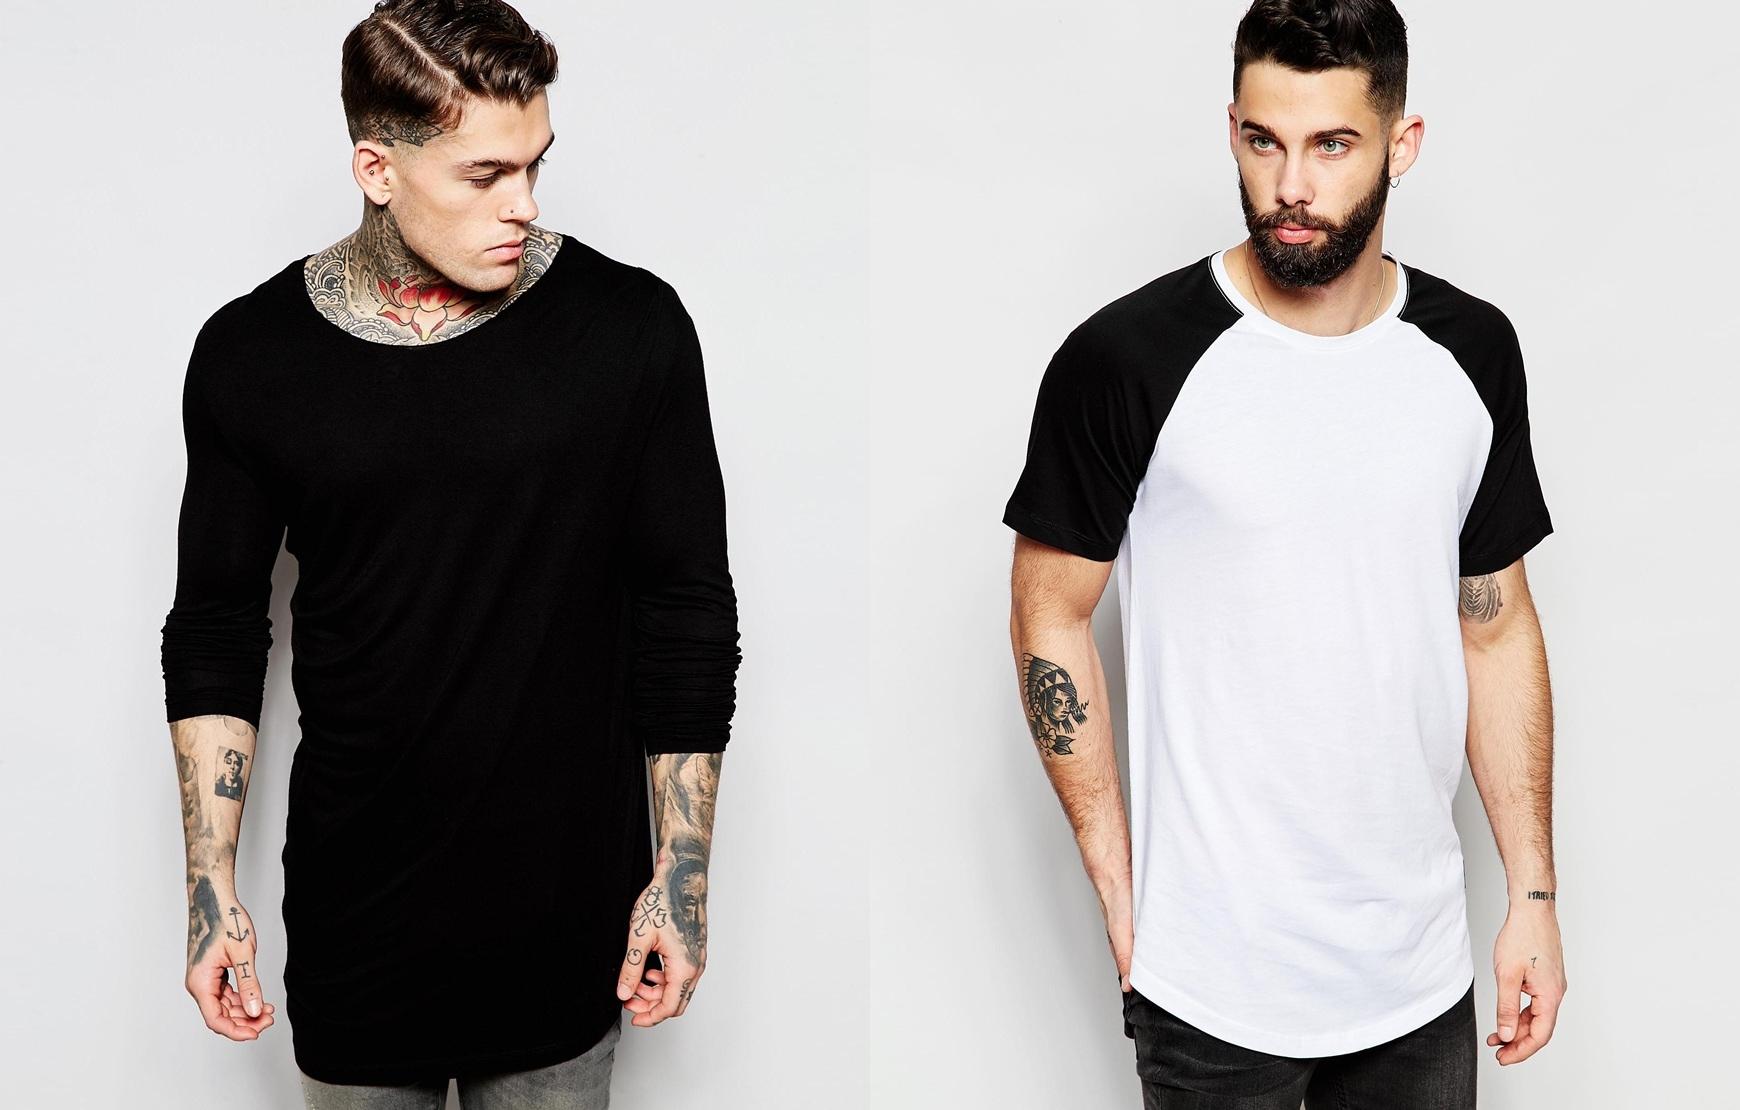 53a3d8b902760 Longline  as famosas camisetas mais longas - MODA SEM CENSURA